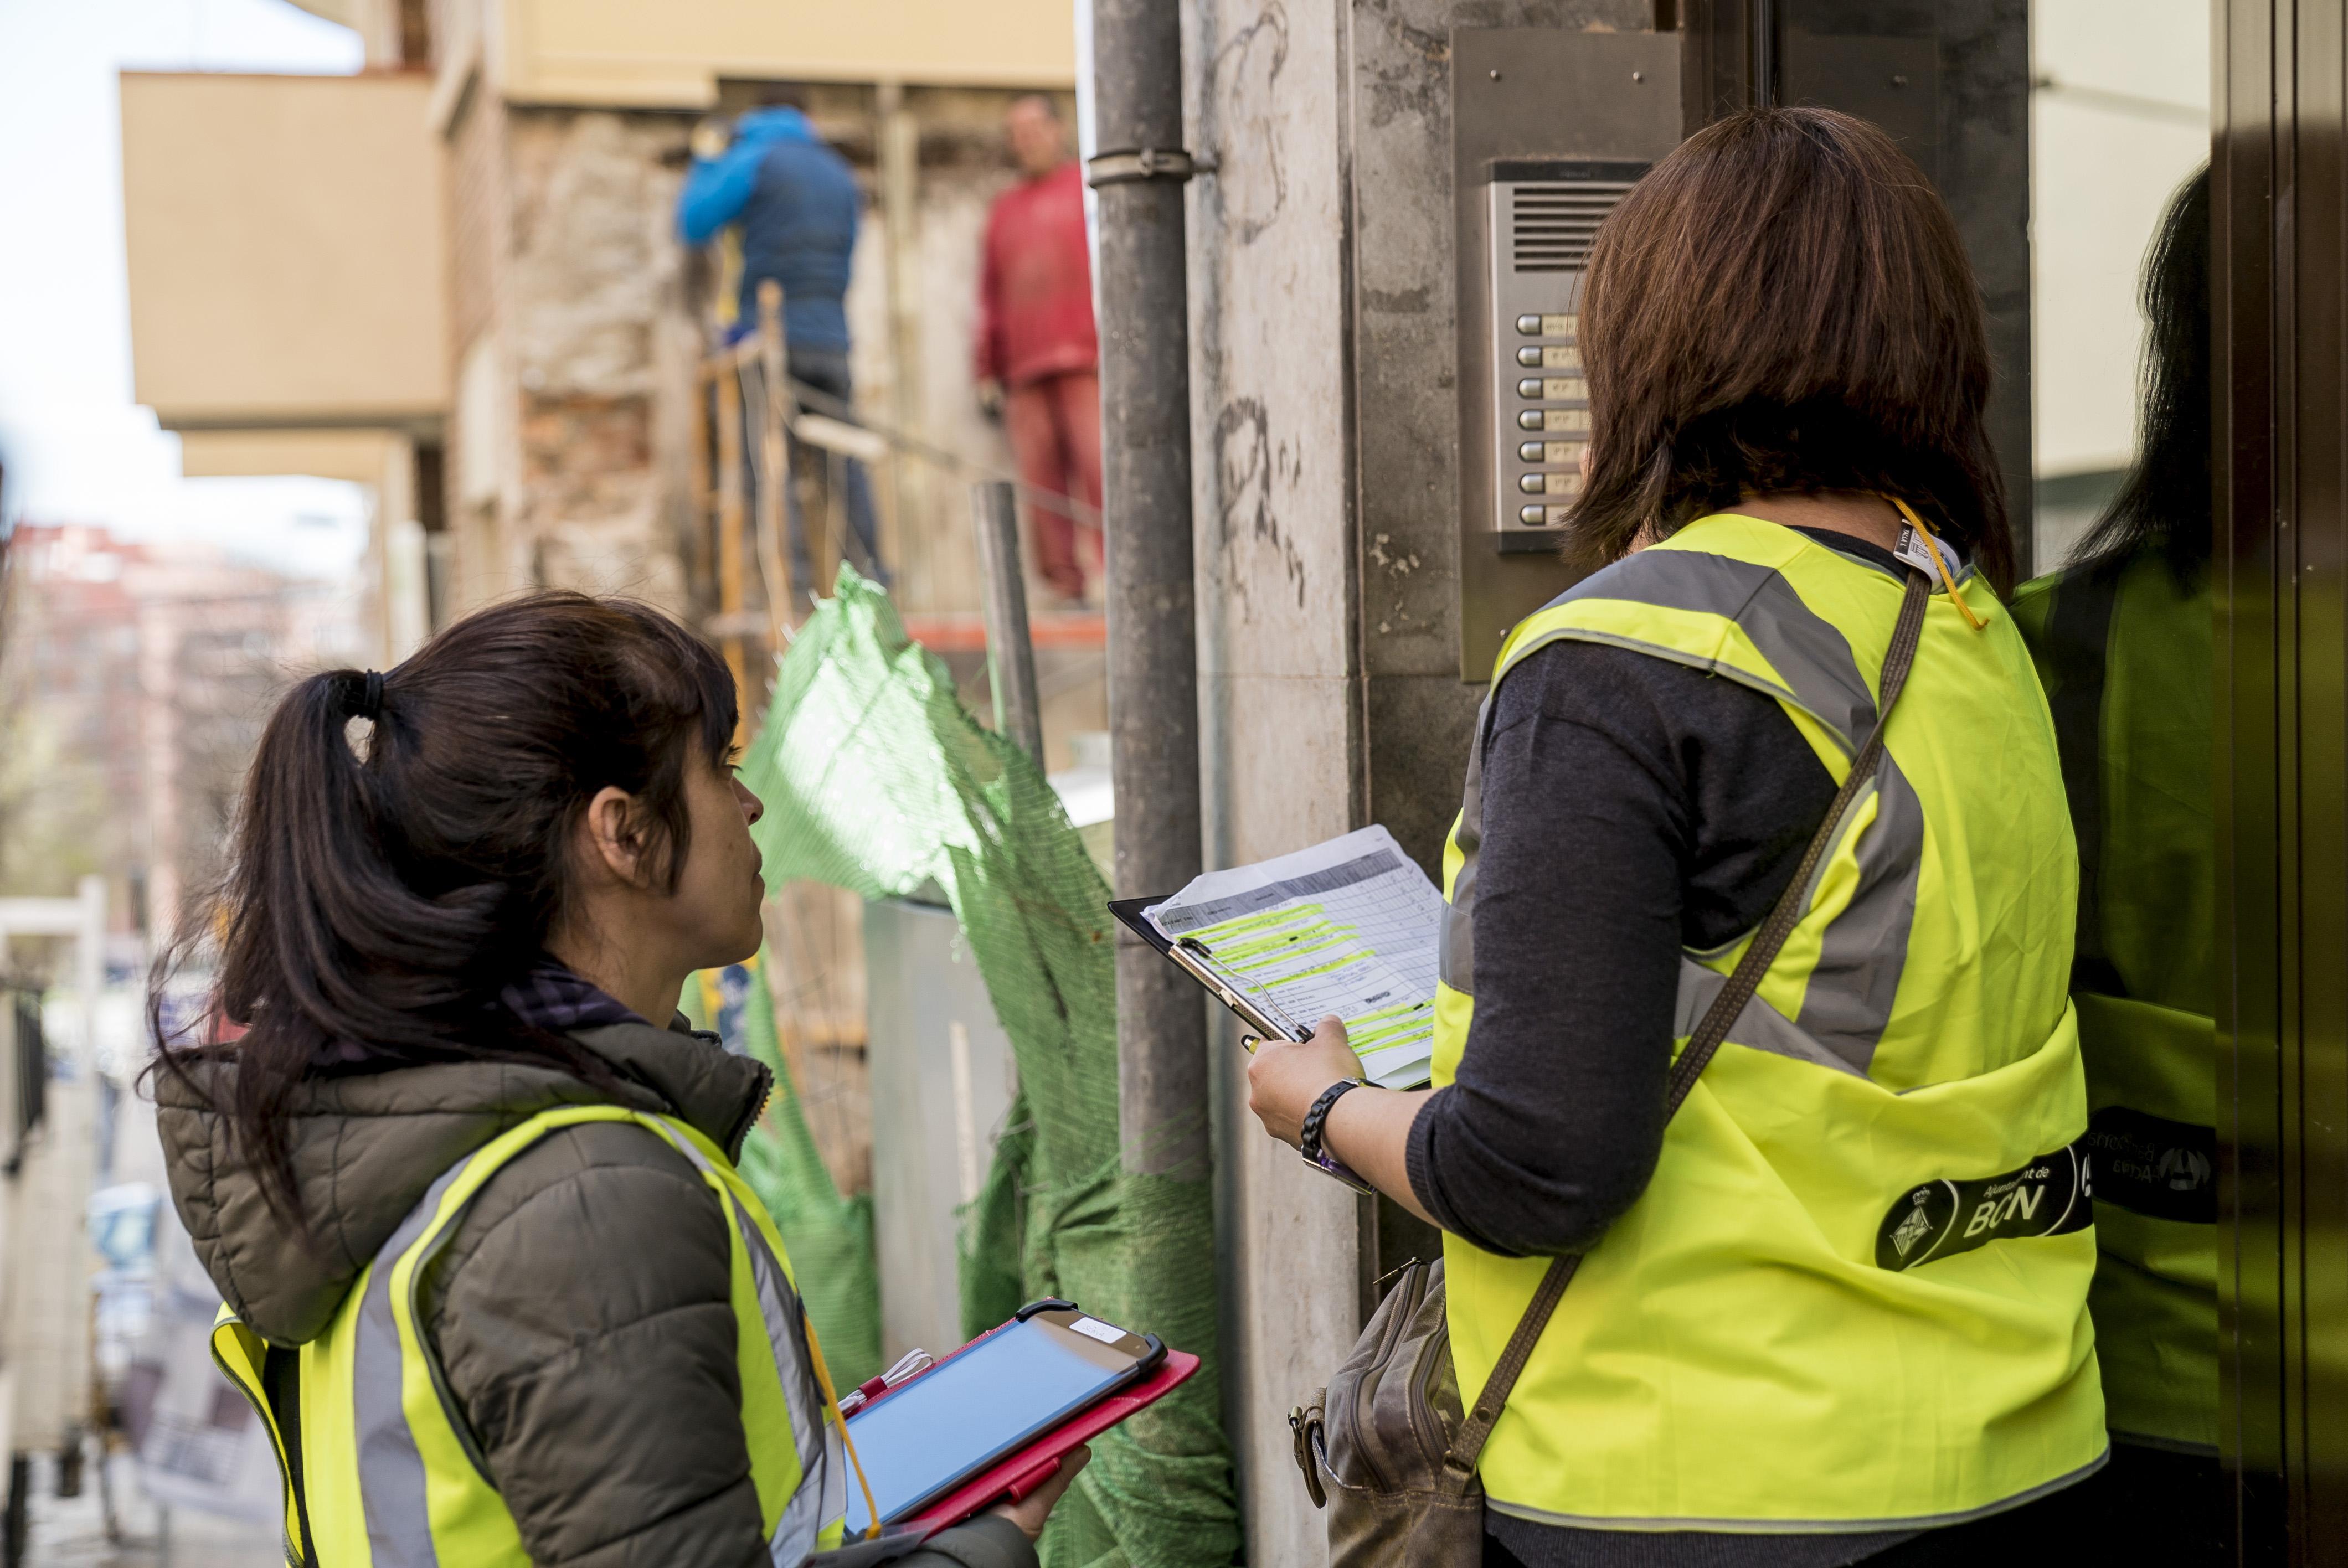 Barcelona tendrá completo el censo de pisos vacíos para principios de 2019 / Ajuntament de Barcelona